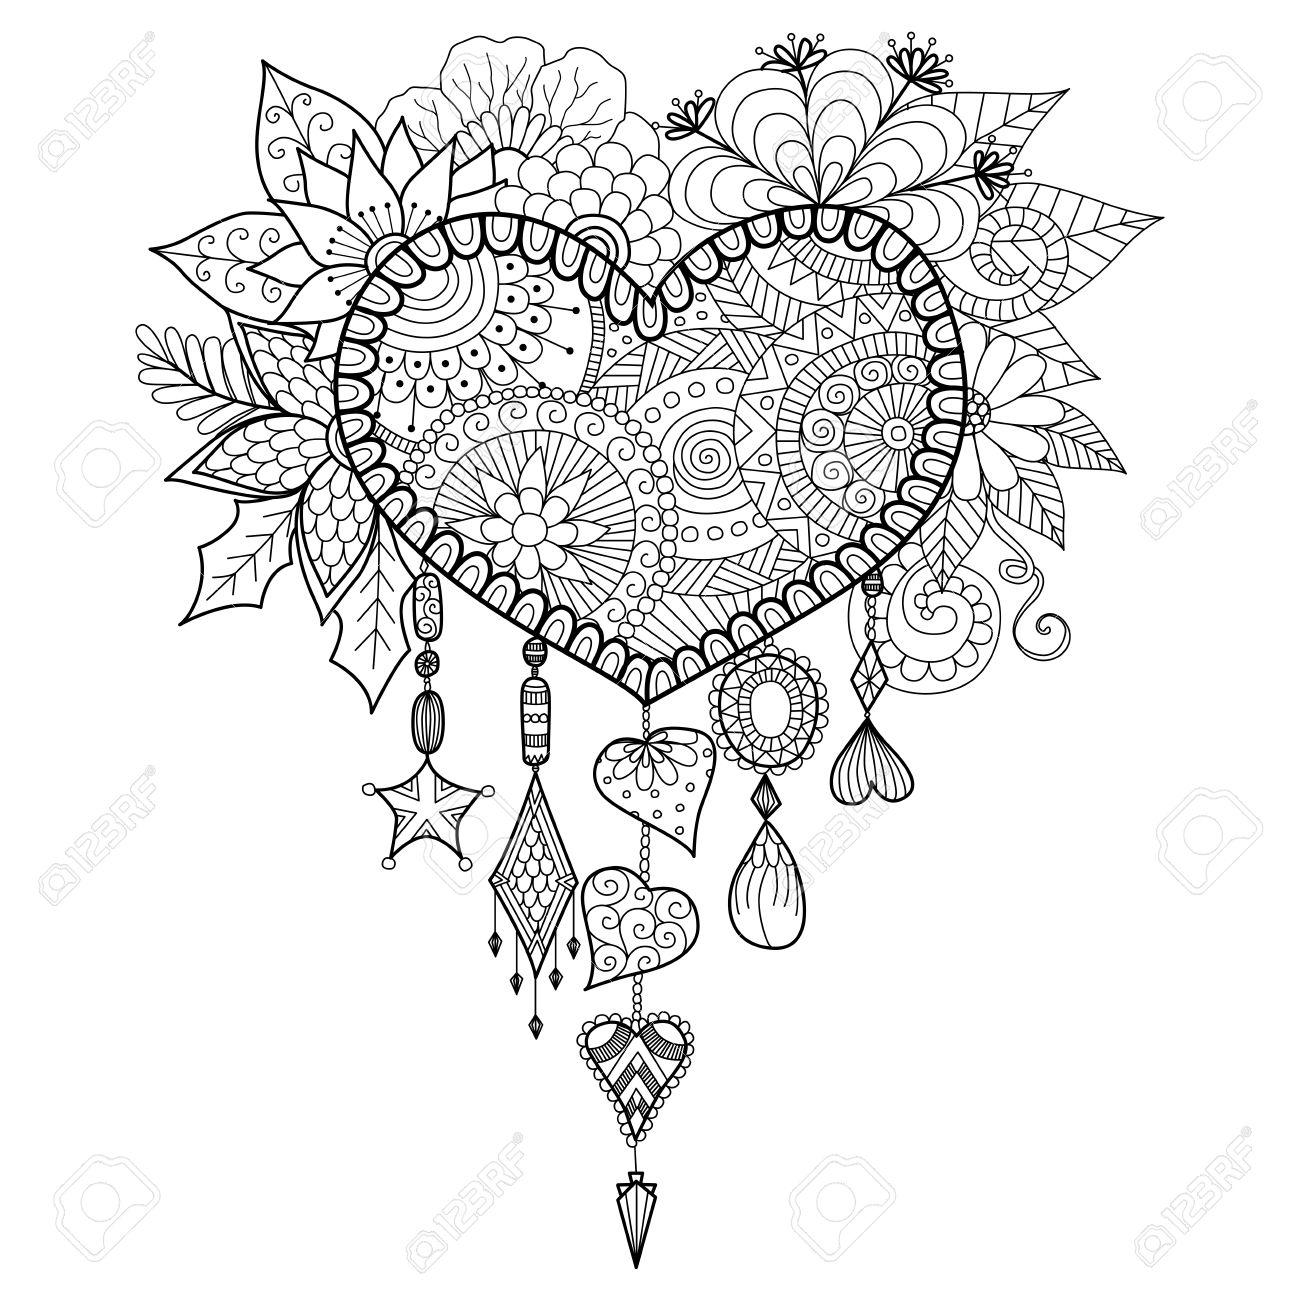 En forme de coeur dream catcher floral pour le livre de coloriage pour les adultes Banque